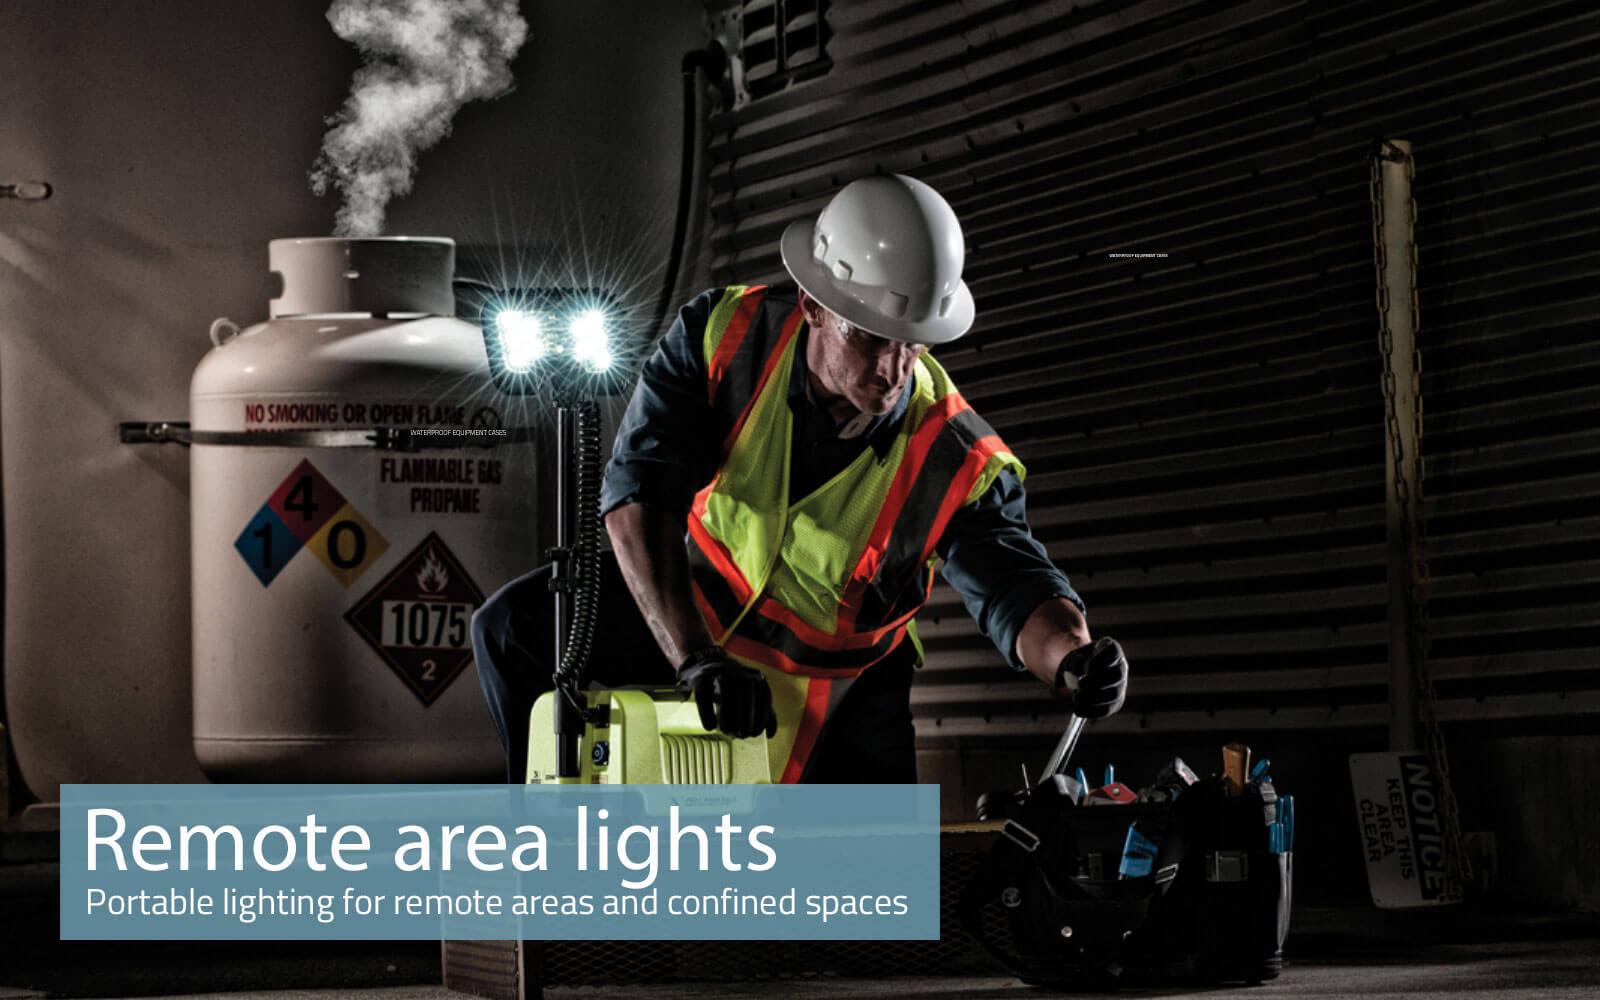 Peli Remote area lights